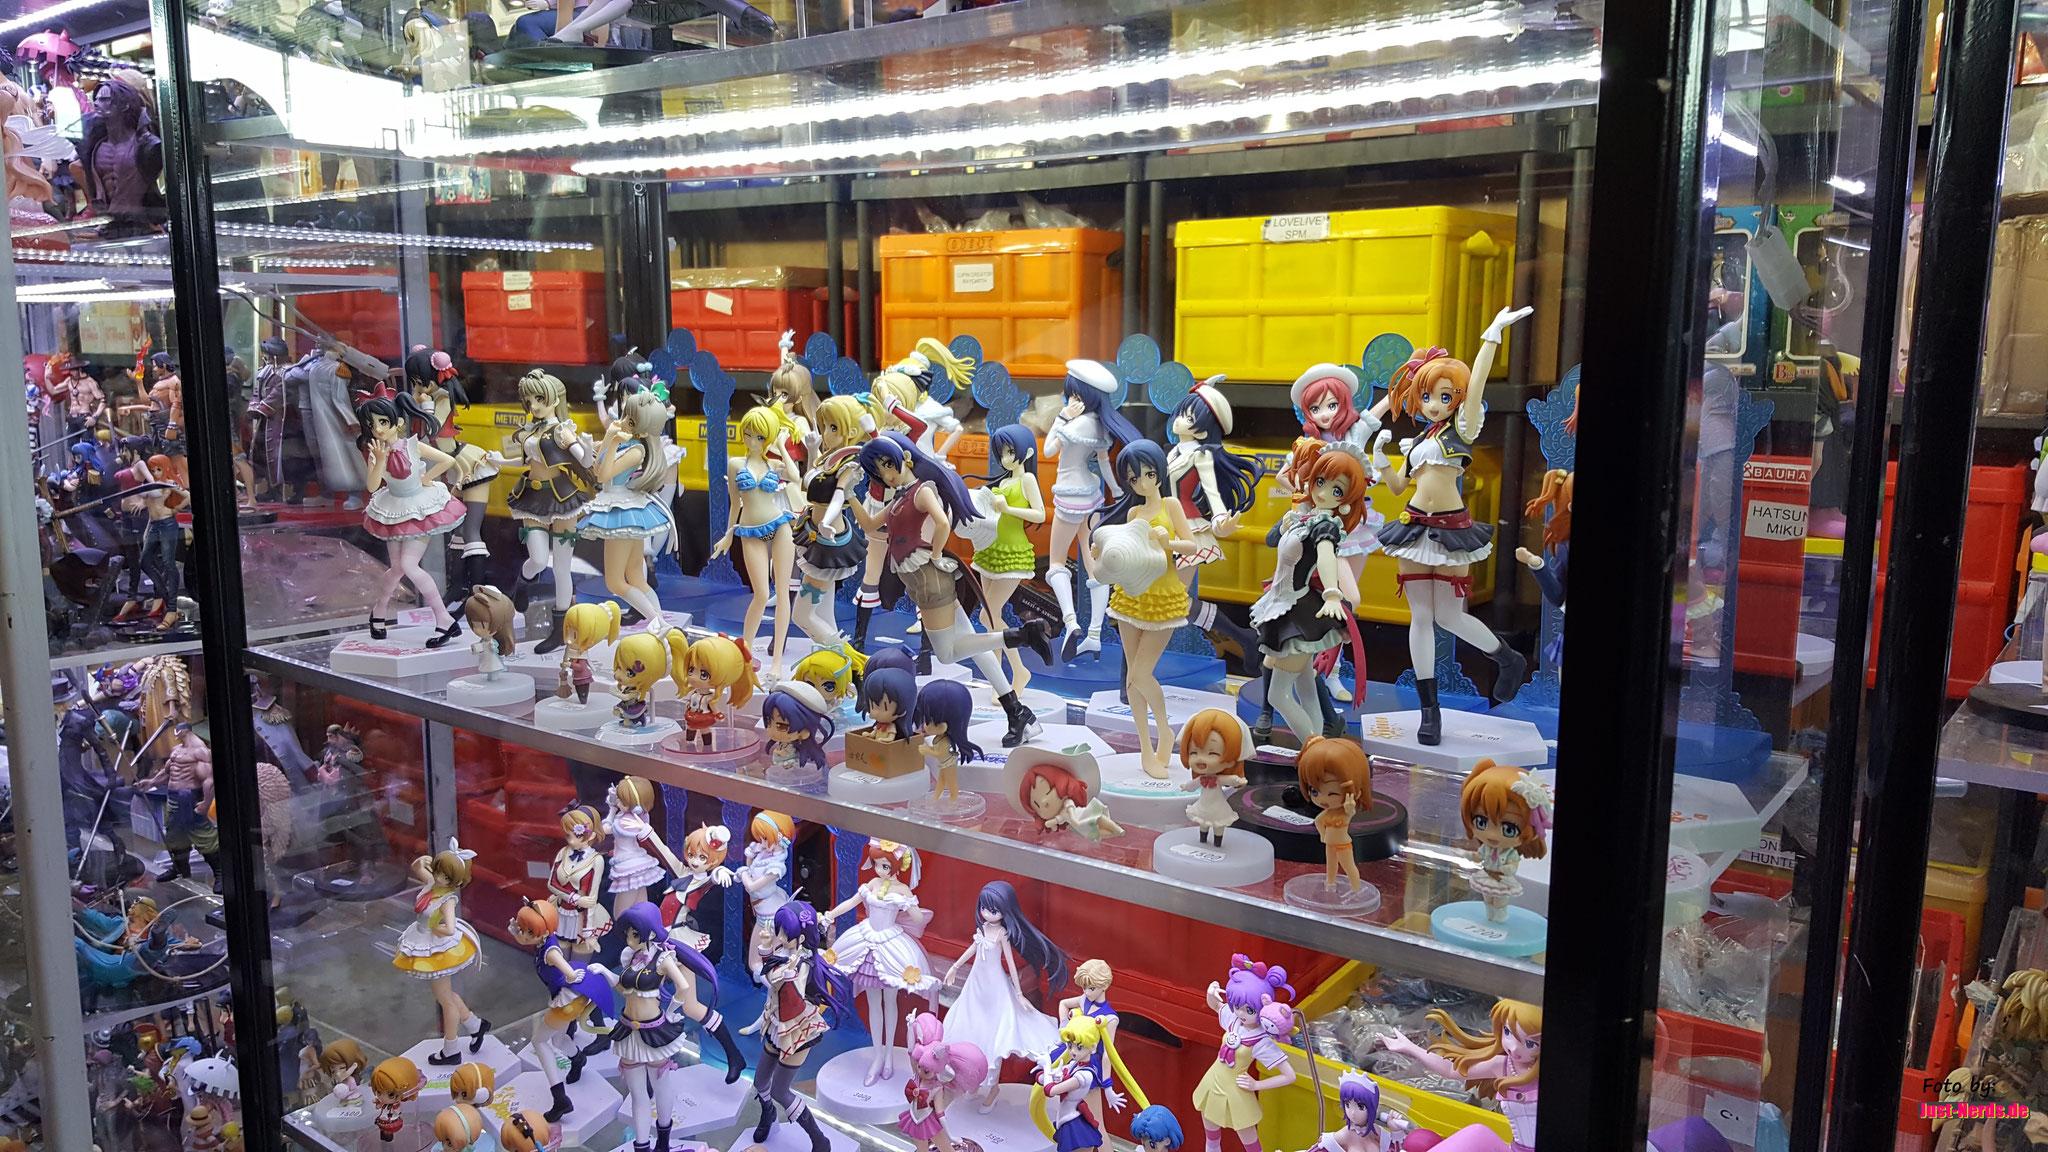 Jede Menge Sammelkram und Manga-Püppchen...